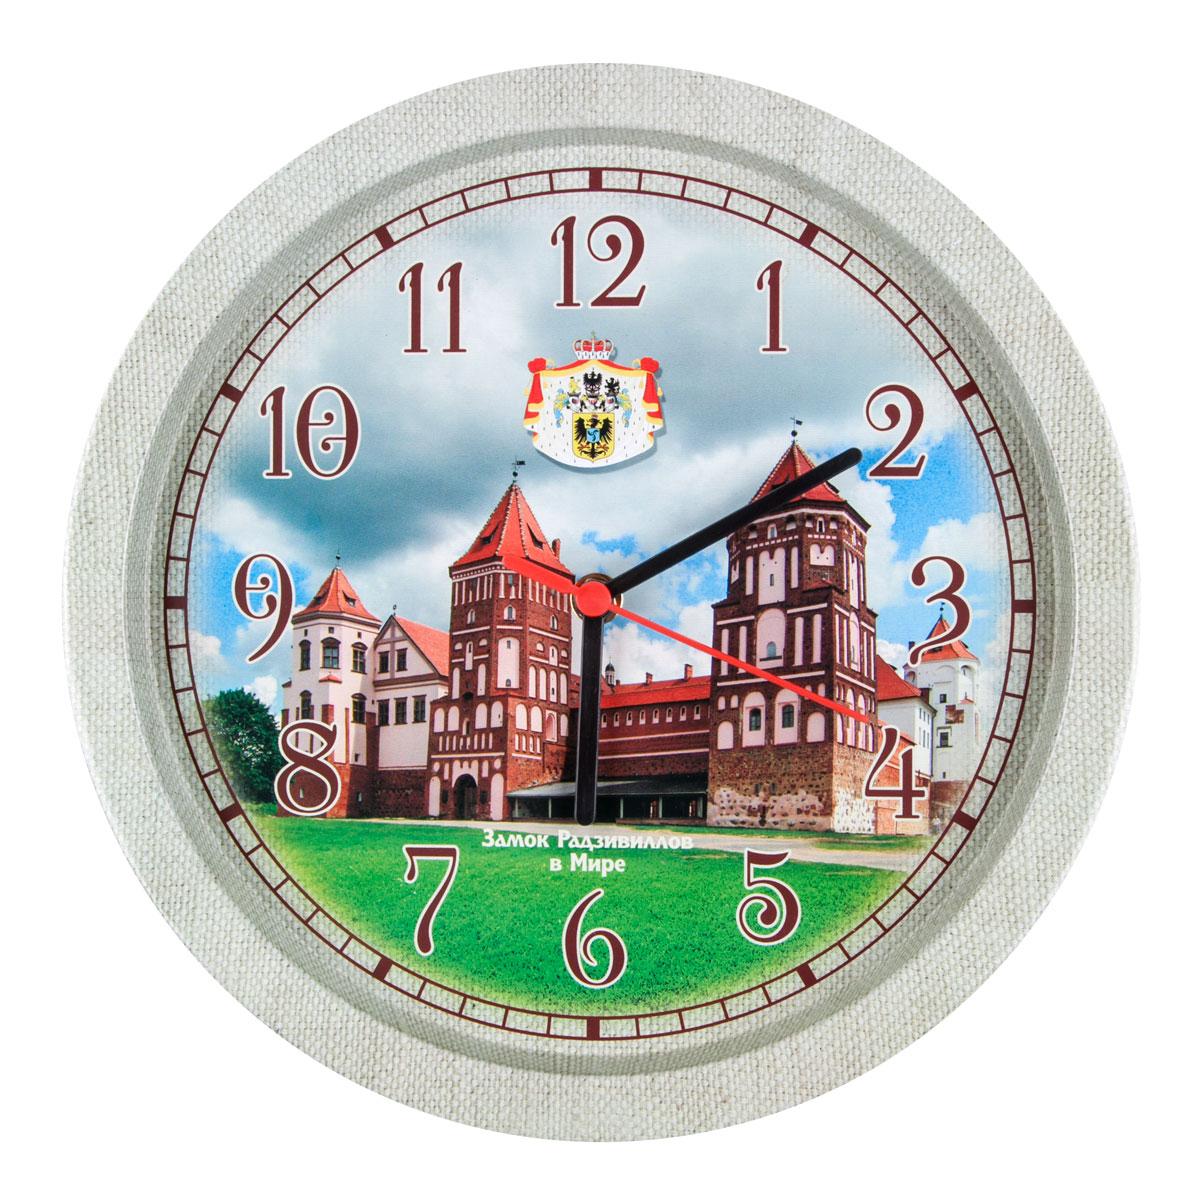 Часы настенные Miolla ЗамокCH005Оригинальные настенные часы круглой формы выполнены из стали. Часы имеют три стрелки - часовую, минутную и секундную и циферблат с цифрами. Необычное дизайнерское решение и качество исполнения придутся по вкусу каждому. Диаметр часов: 33 см. Часы работают от 1 батарейки типа АА напряжением 1,5 В.